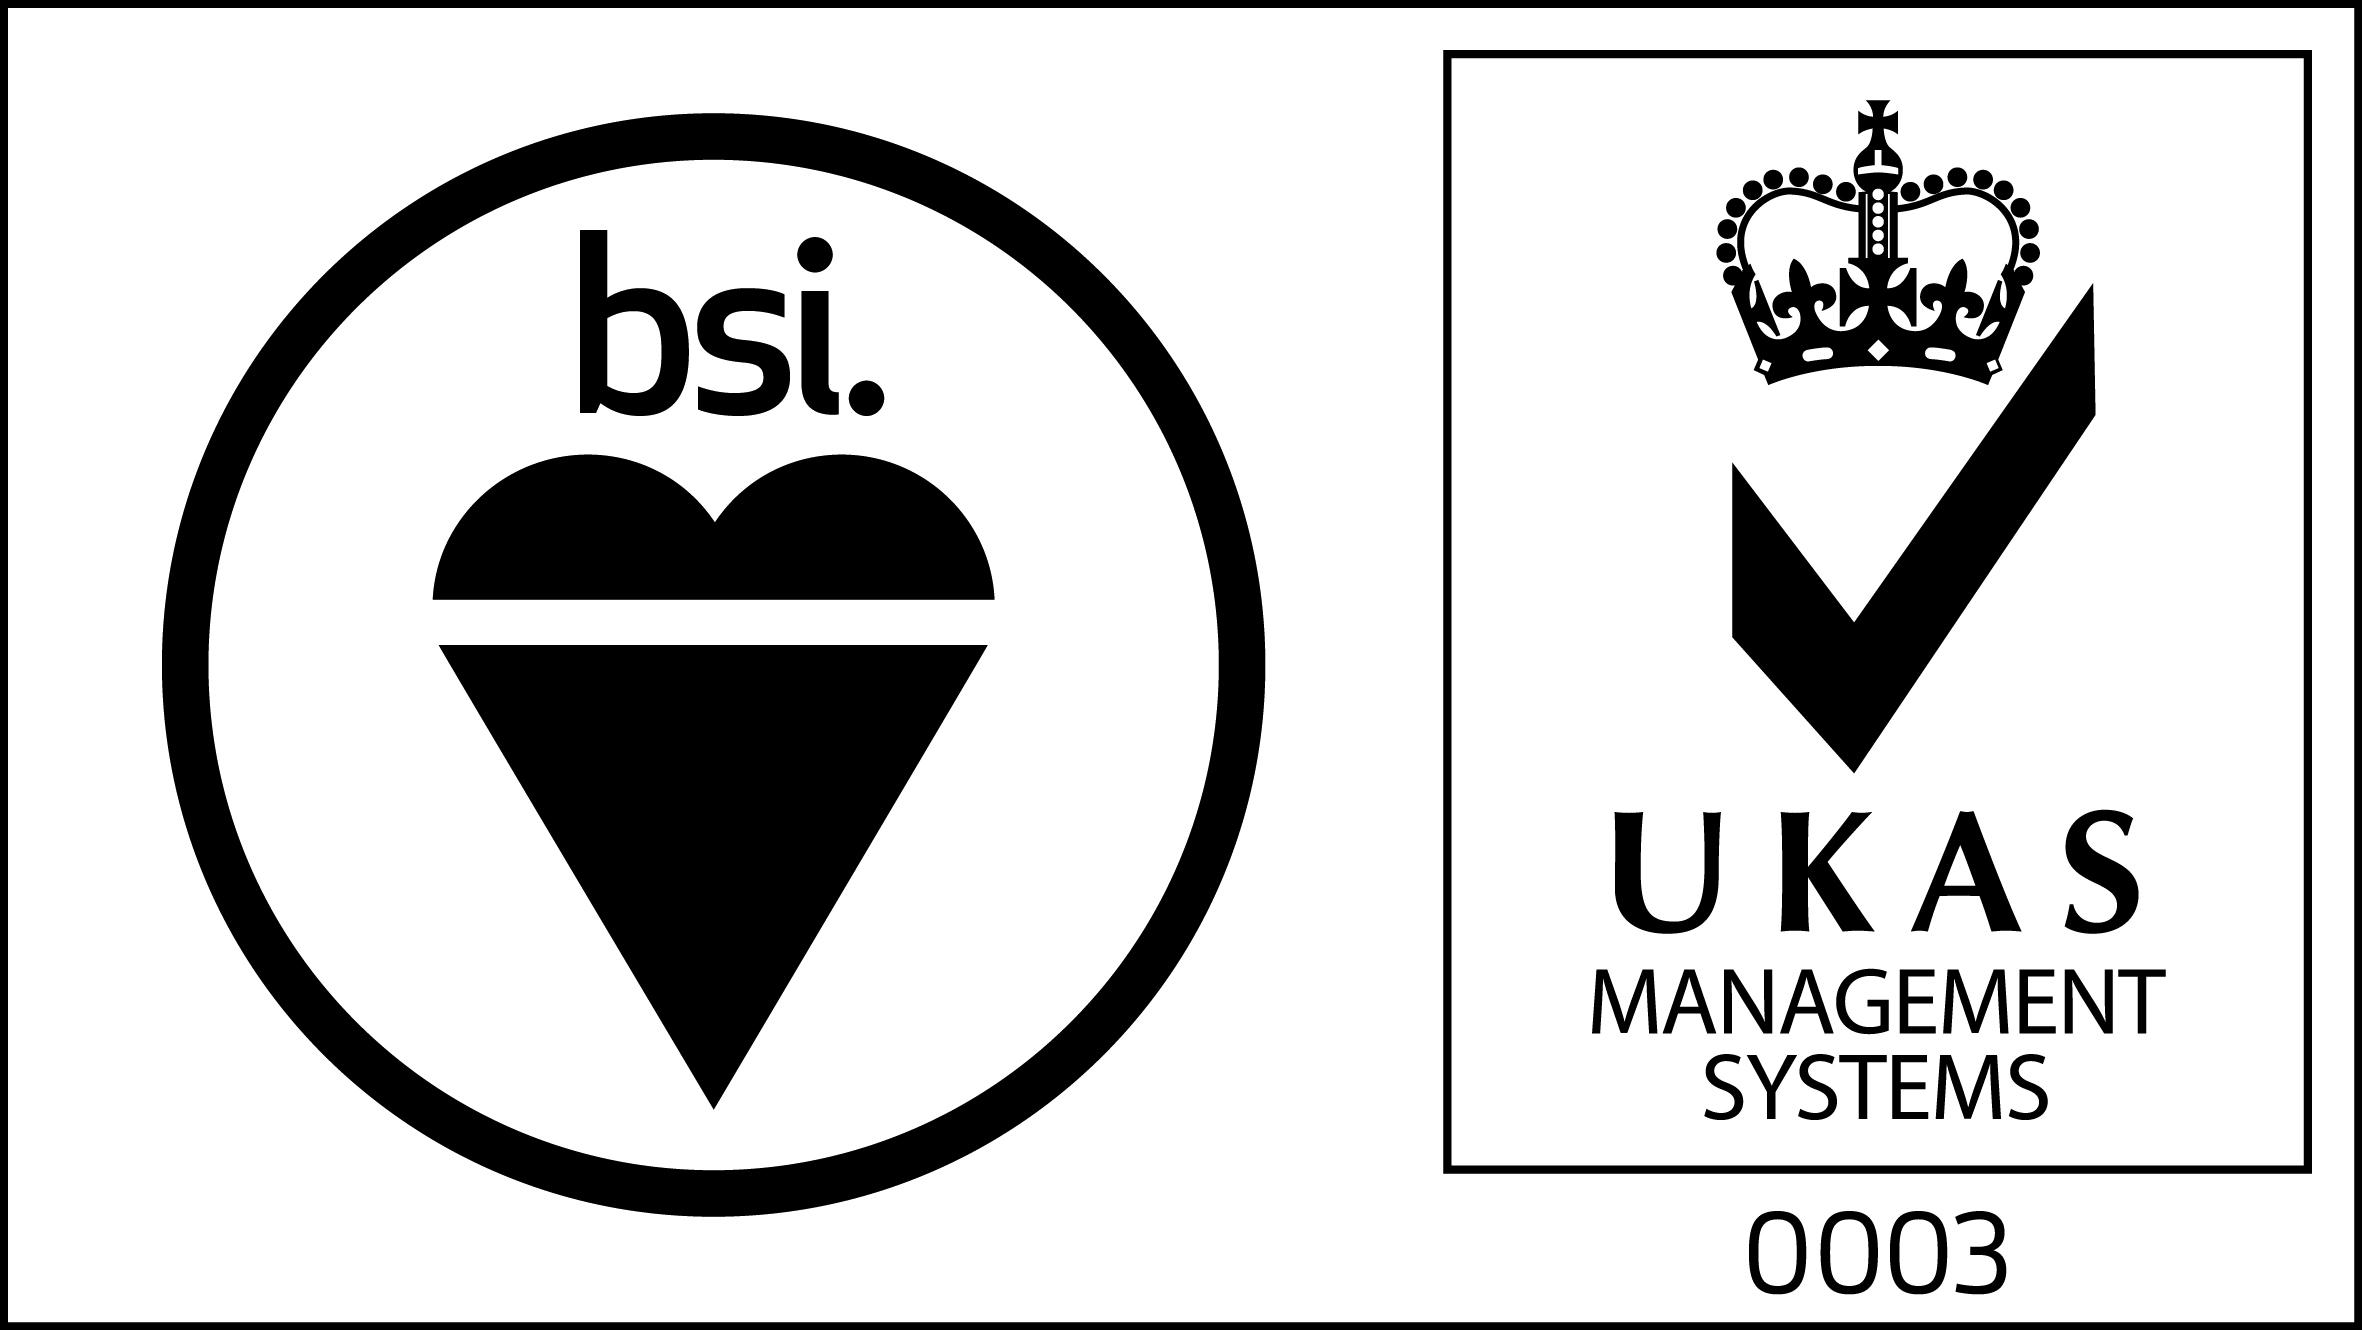 BSI.UKAS Logo.jpg